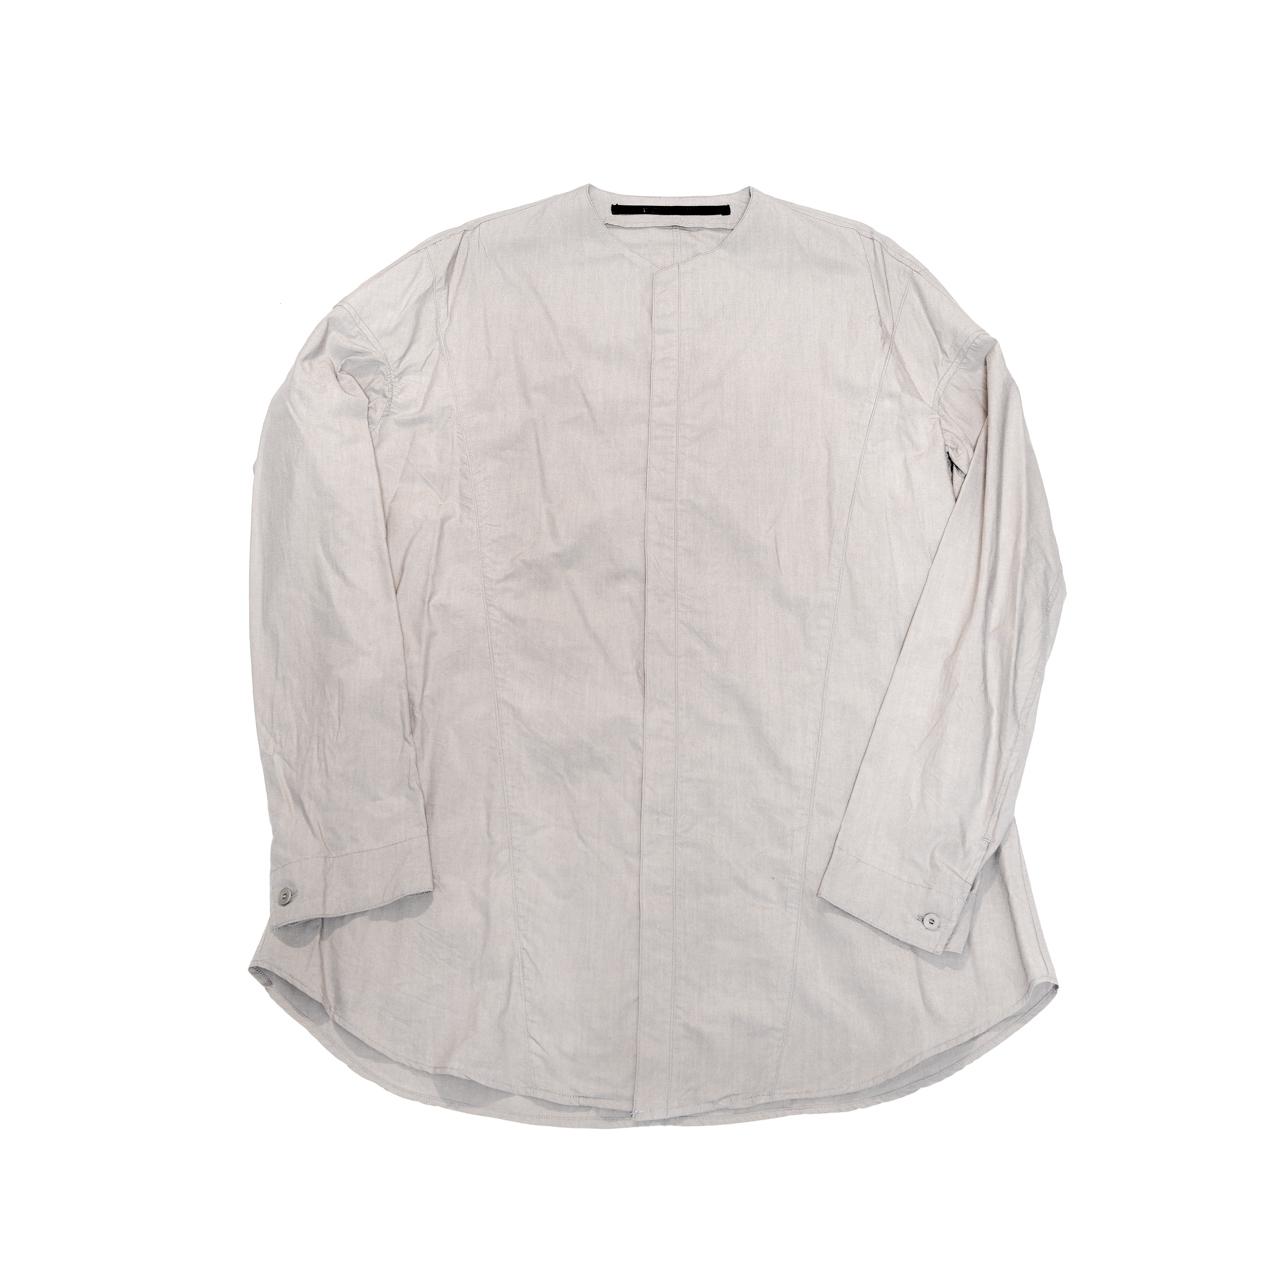 607SHM1-GRAY / シームドカラーレスシャツ